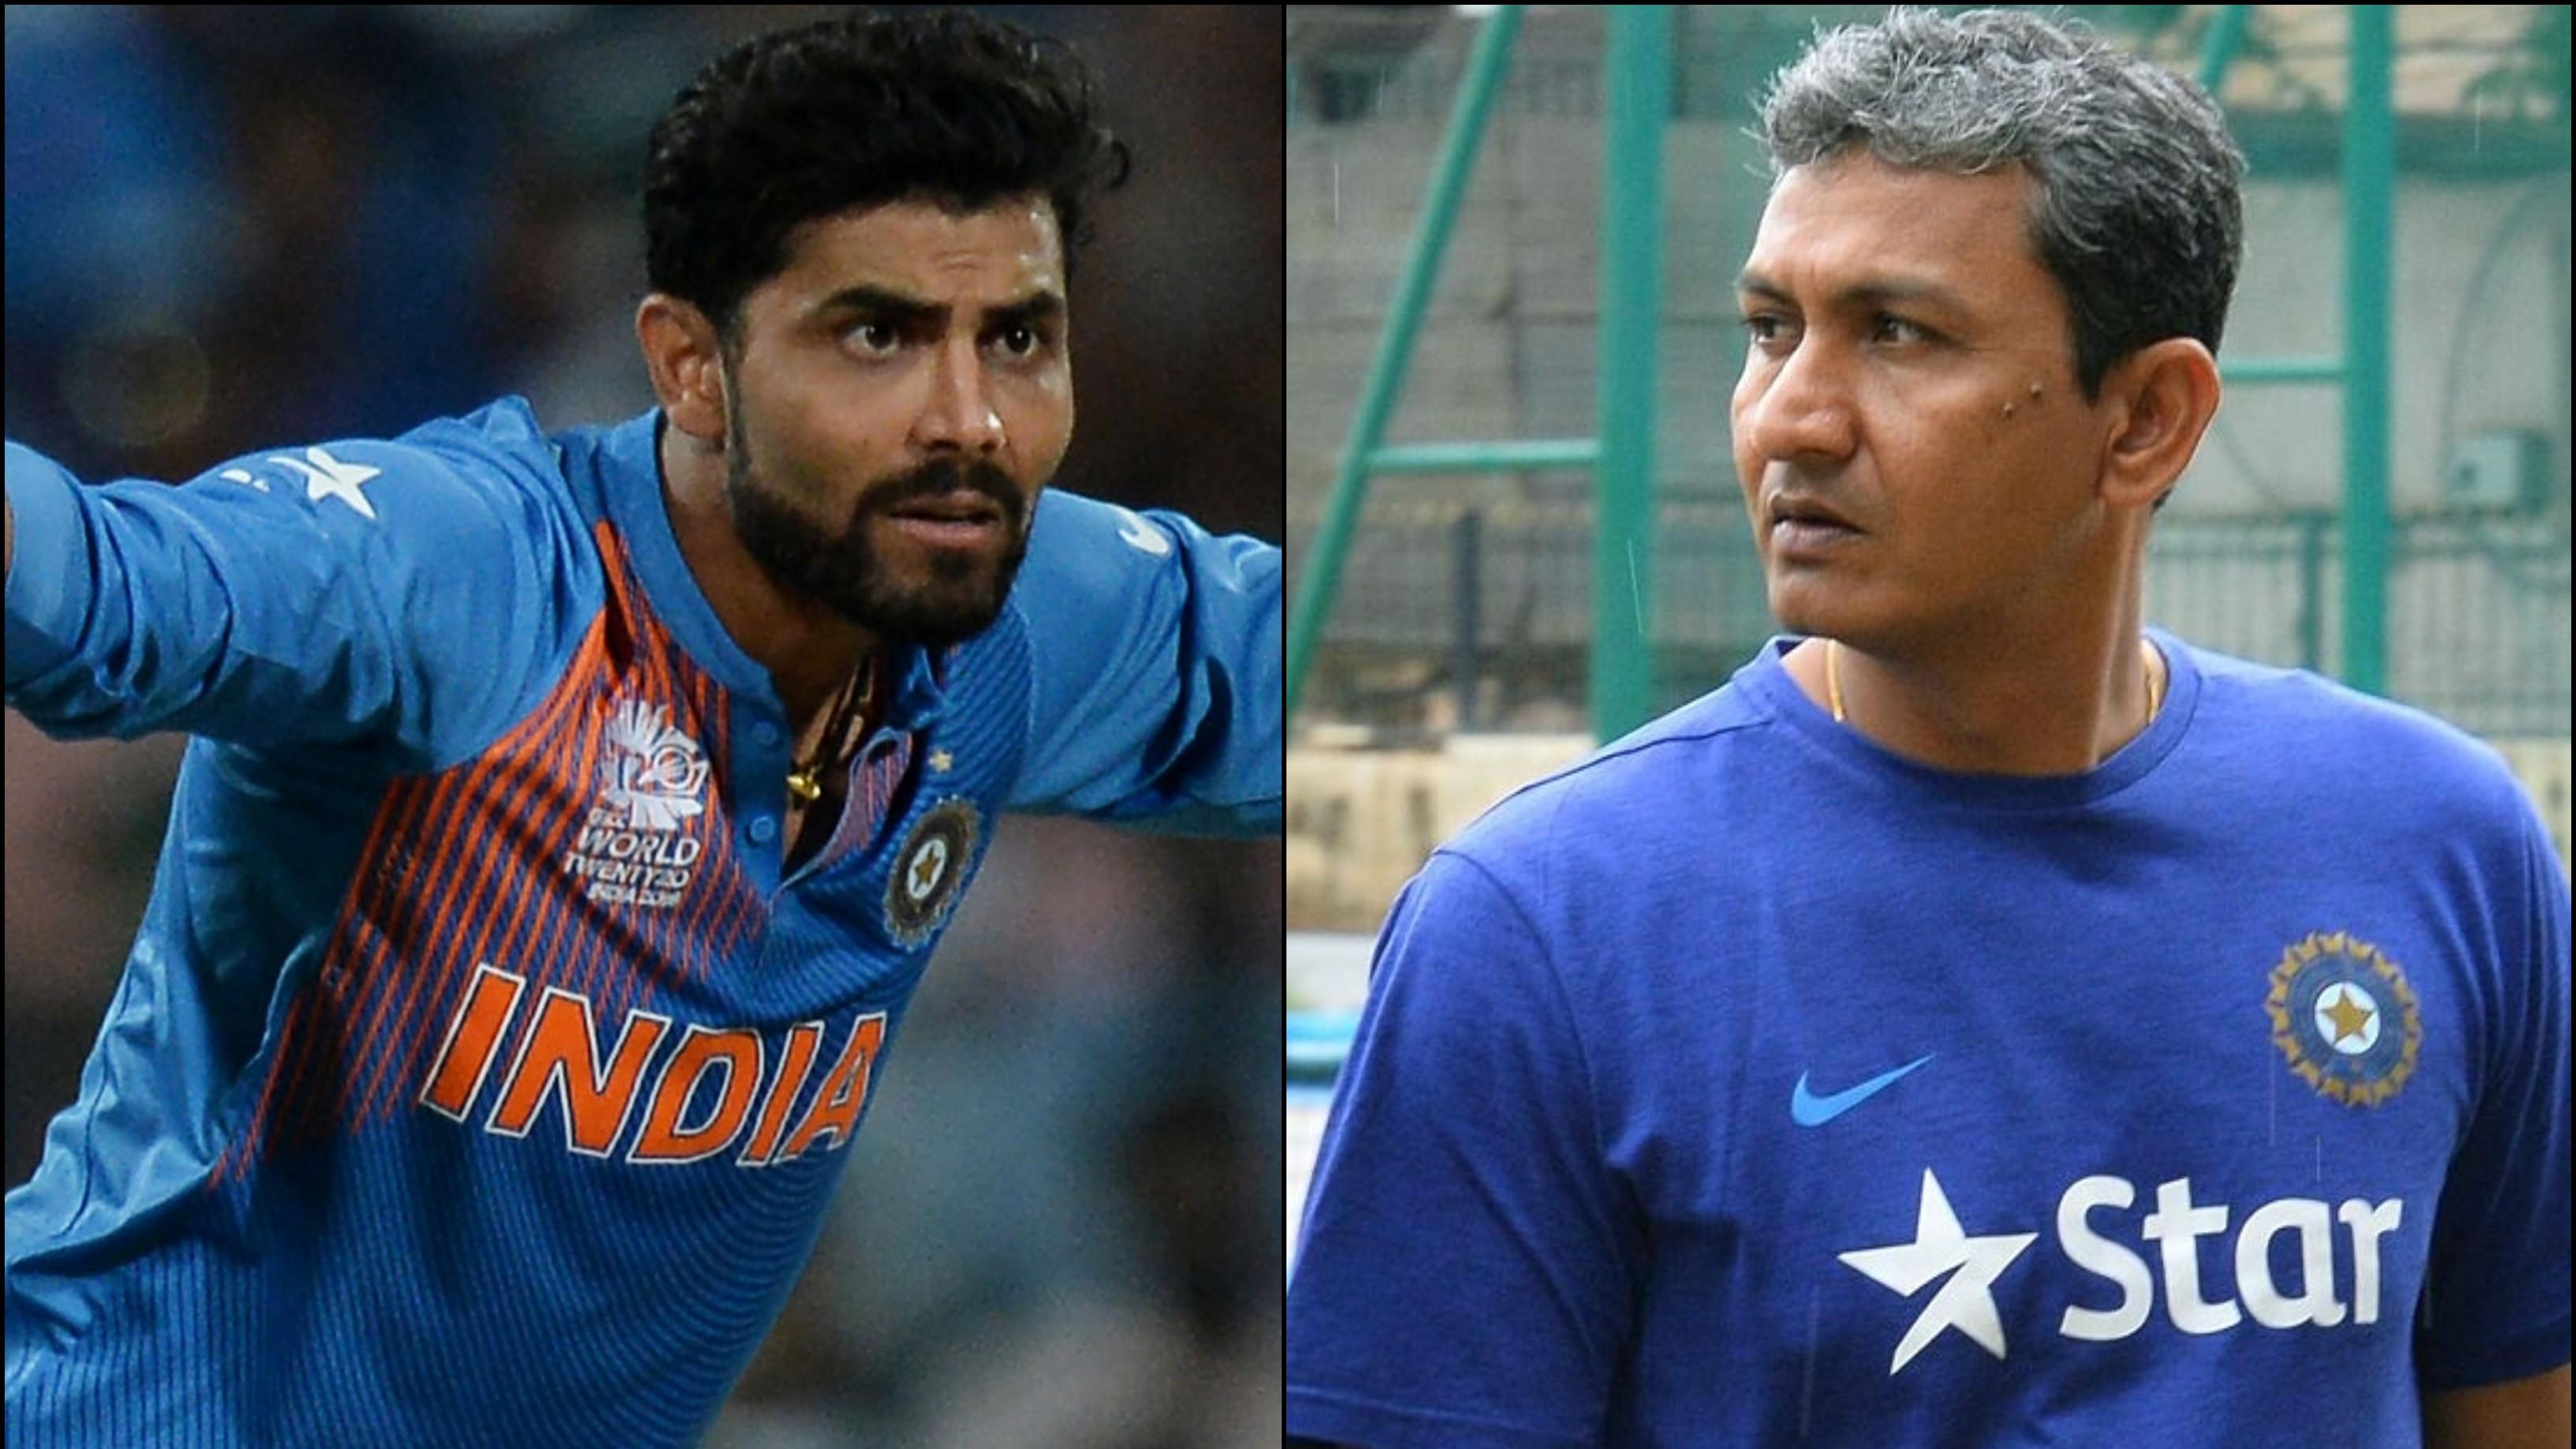 टी-20 में भारत के लिए क्रुणाल पांड्या से बेहतर विकल्प है रविन्द्र जडेजा : संजय बांगर